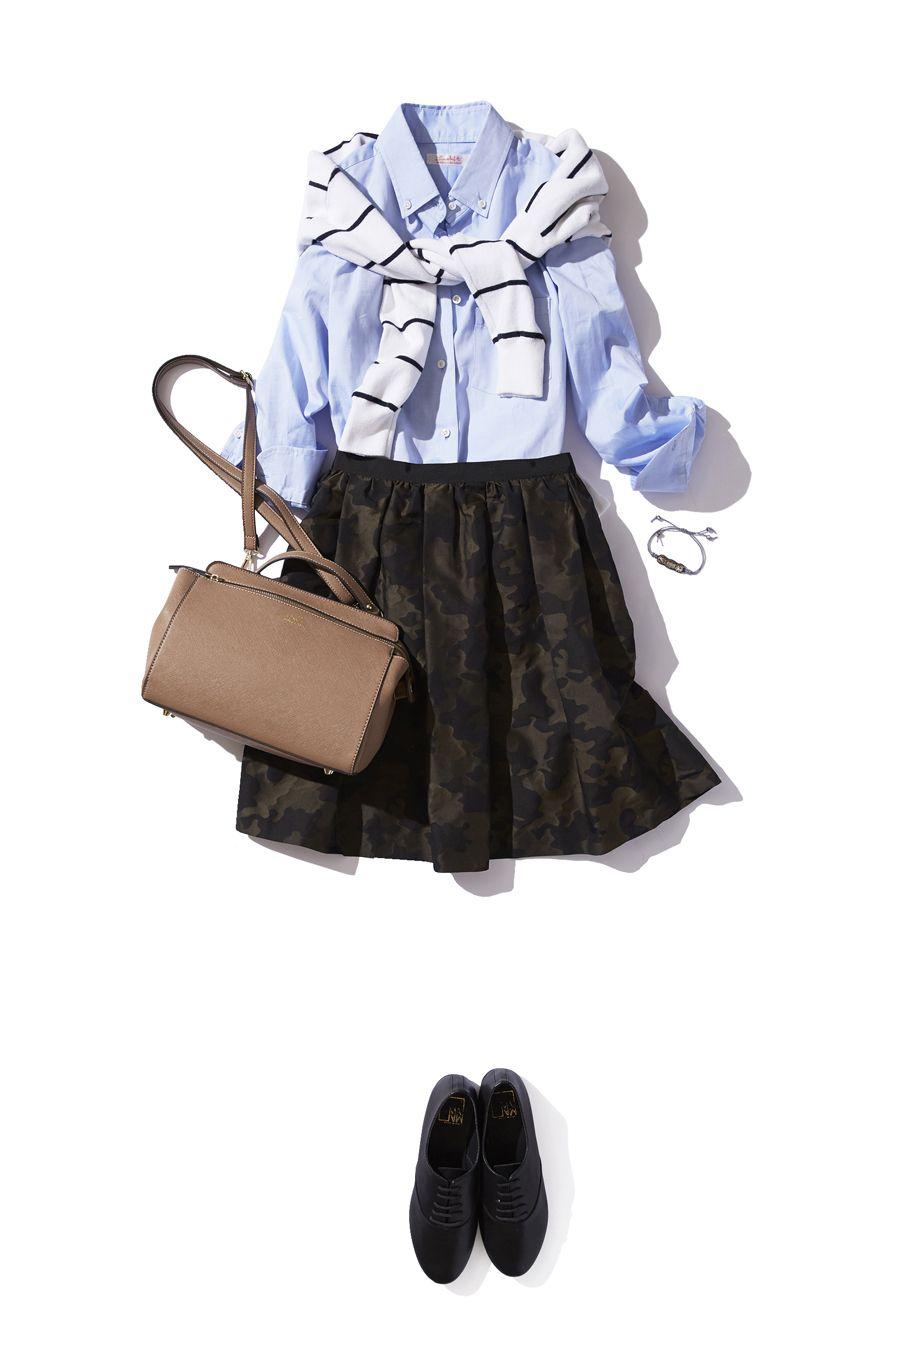 人気のカモフラージュ柄スカートで一足先に秋の装い ― B